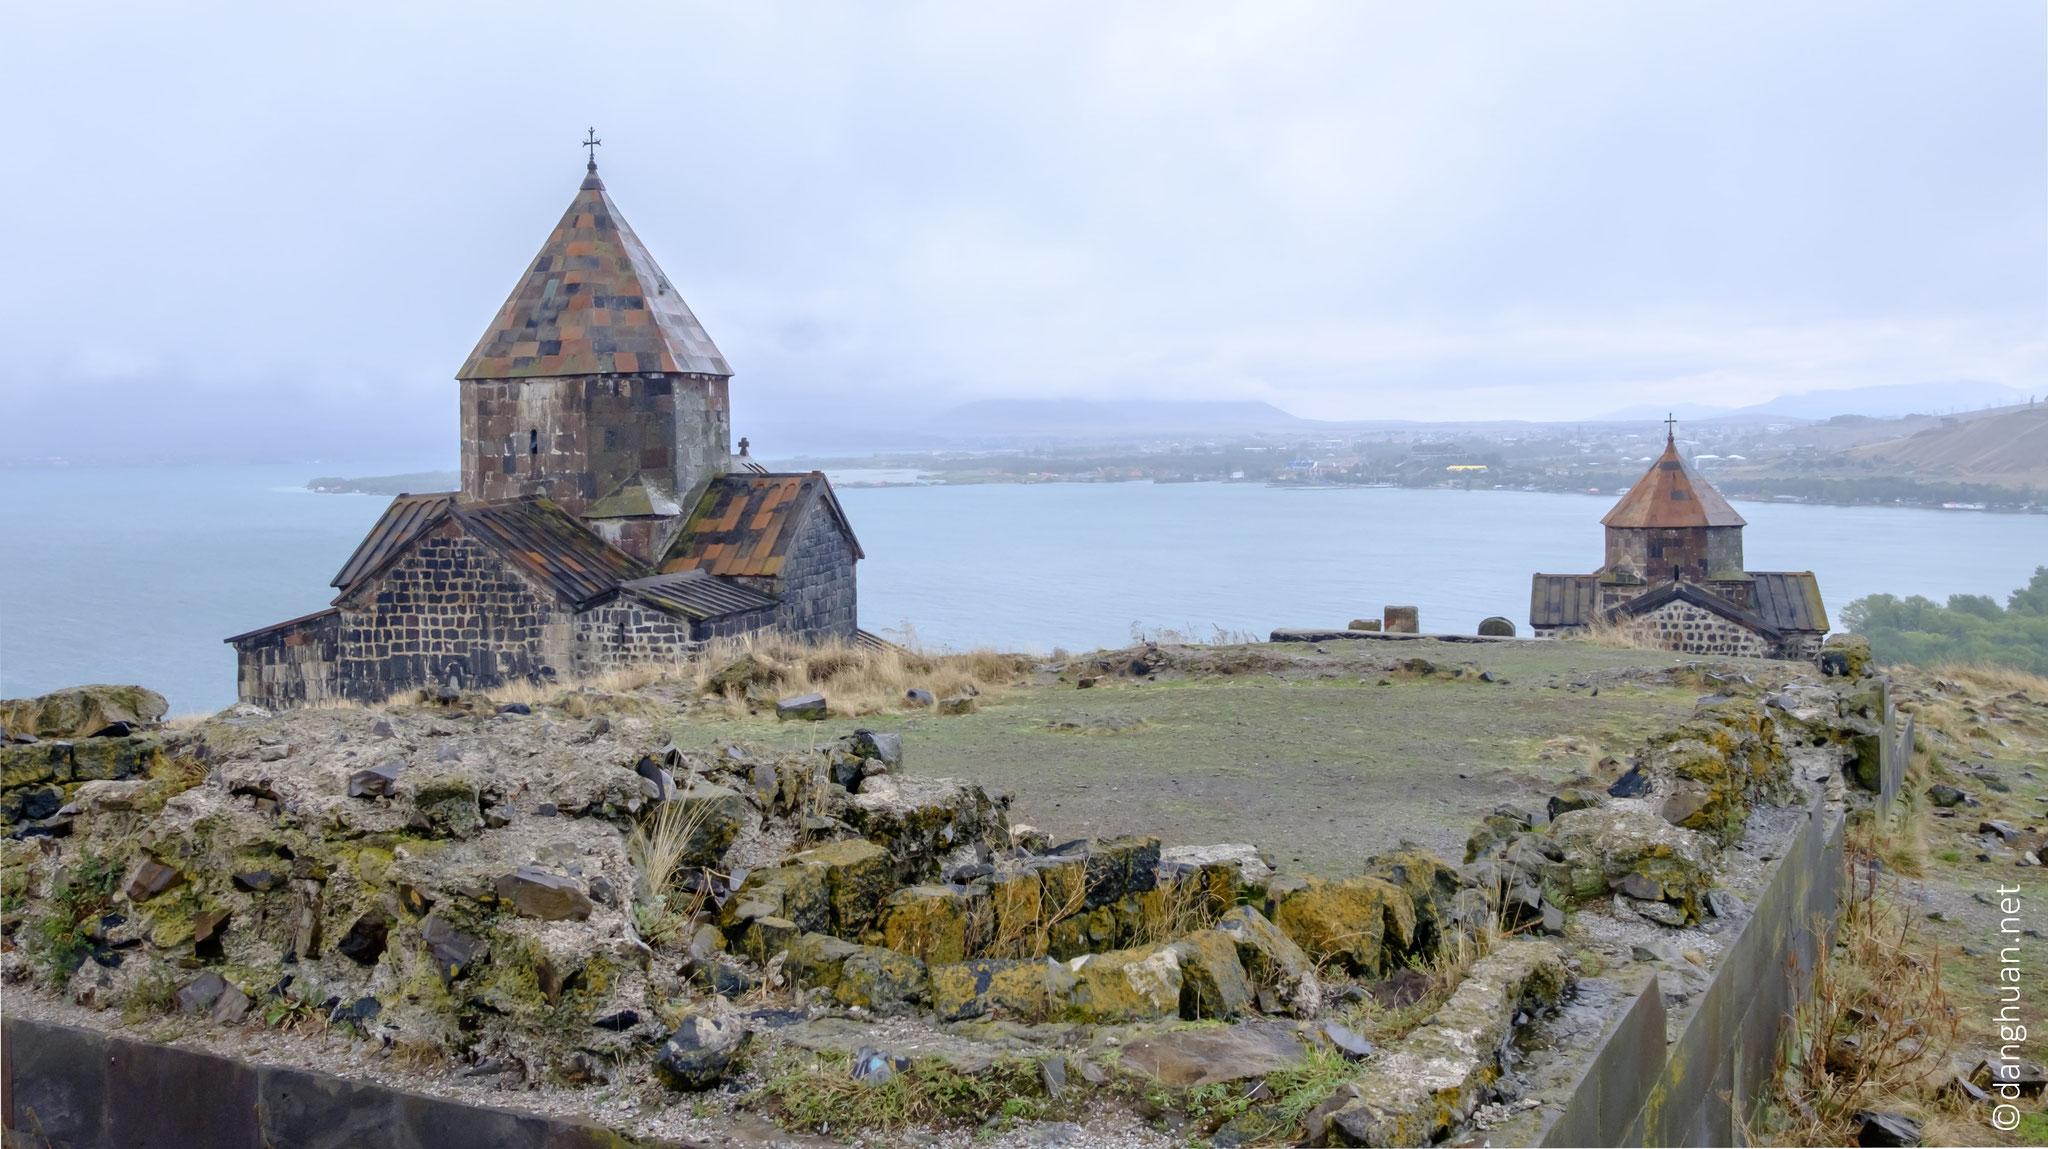 ... Il se compose de 2 églises :  Sourp Astvatsatsin à gauche et Sourp Arakelots à droite